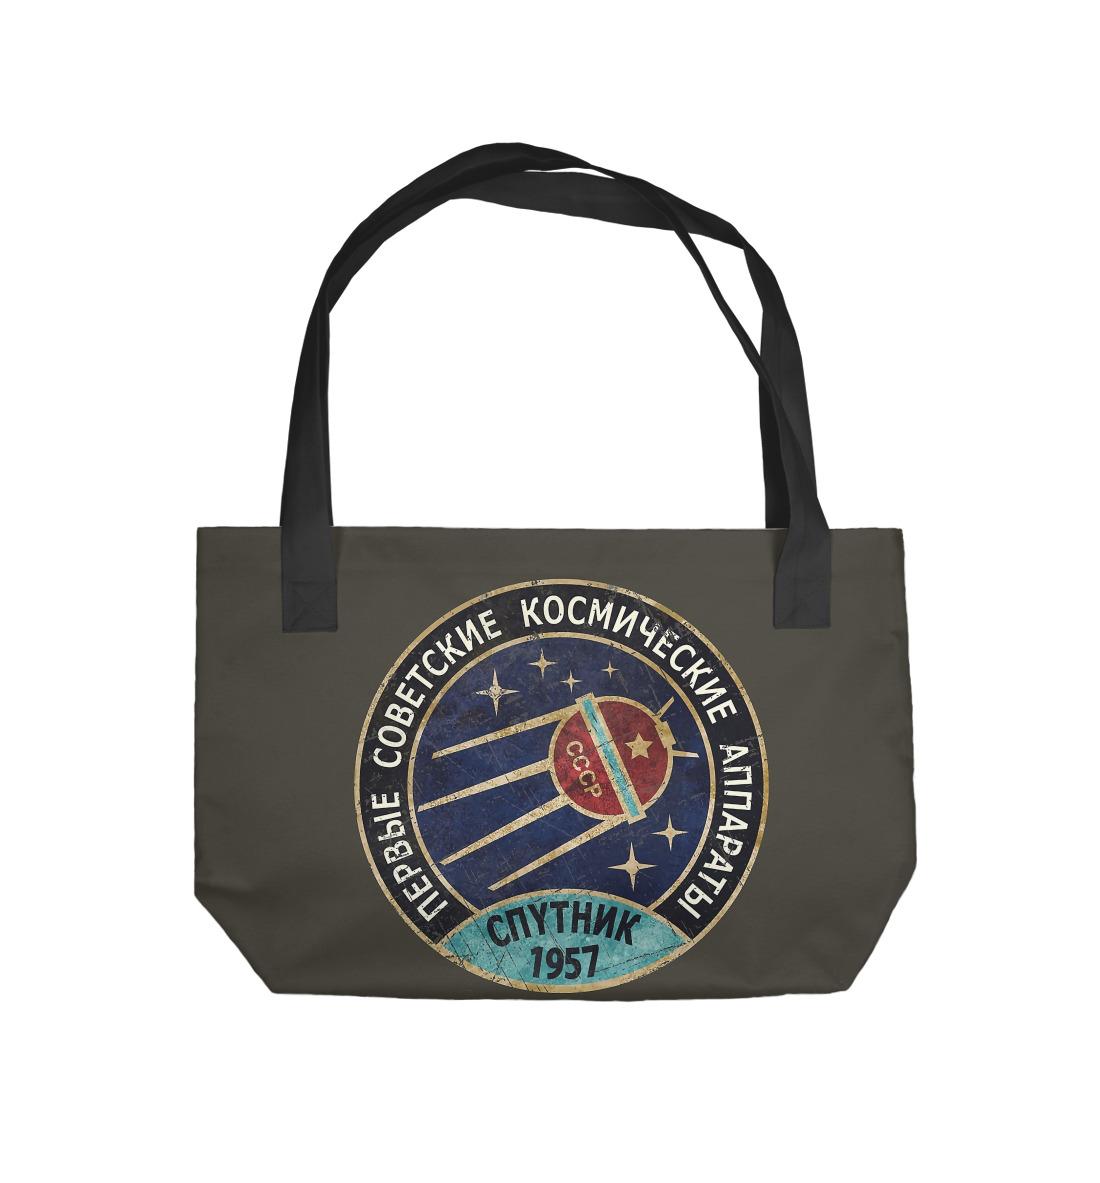 Советские спутники